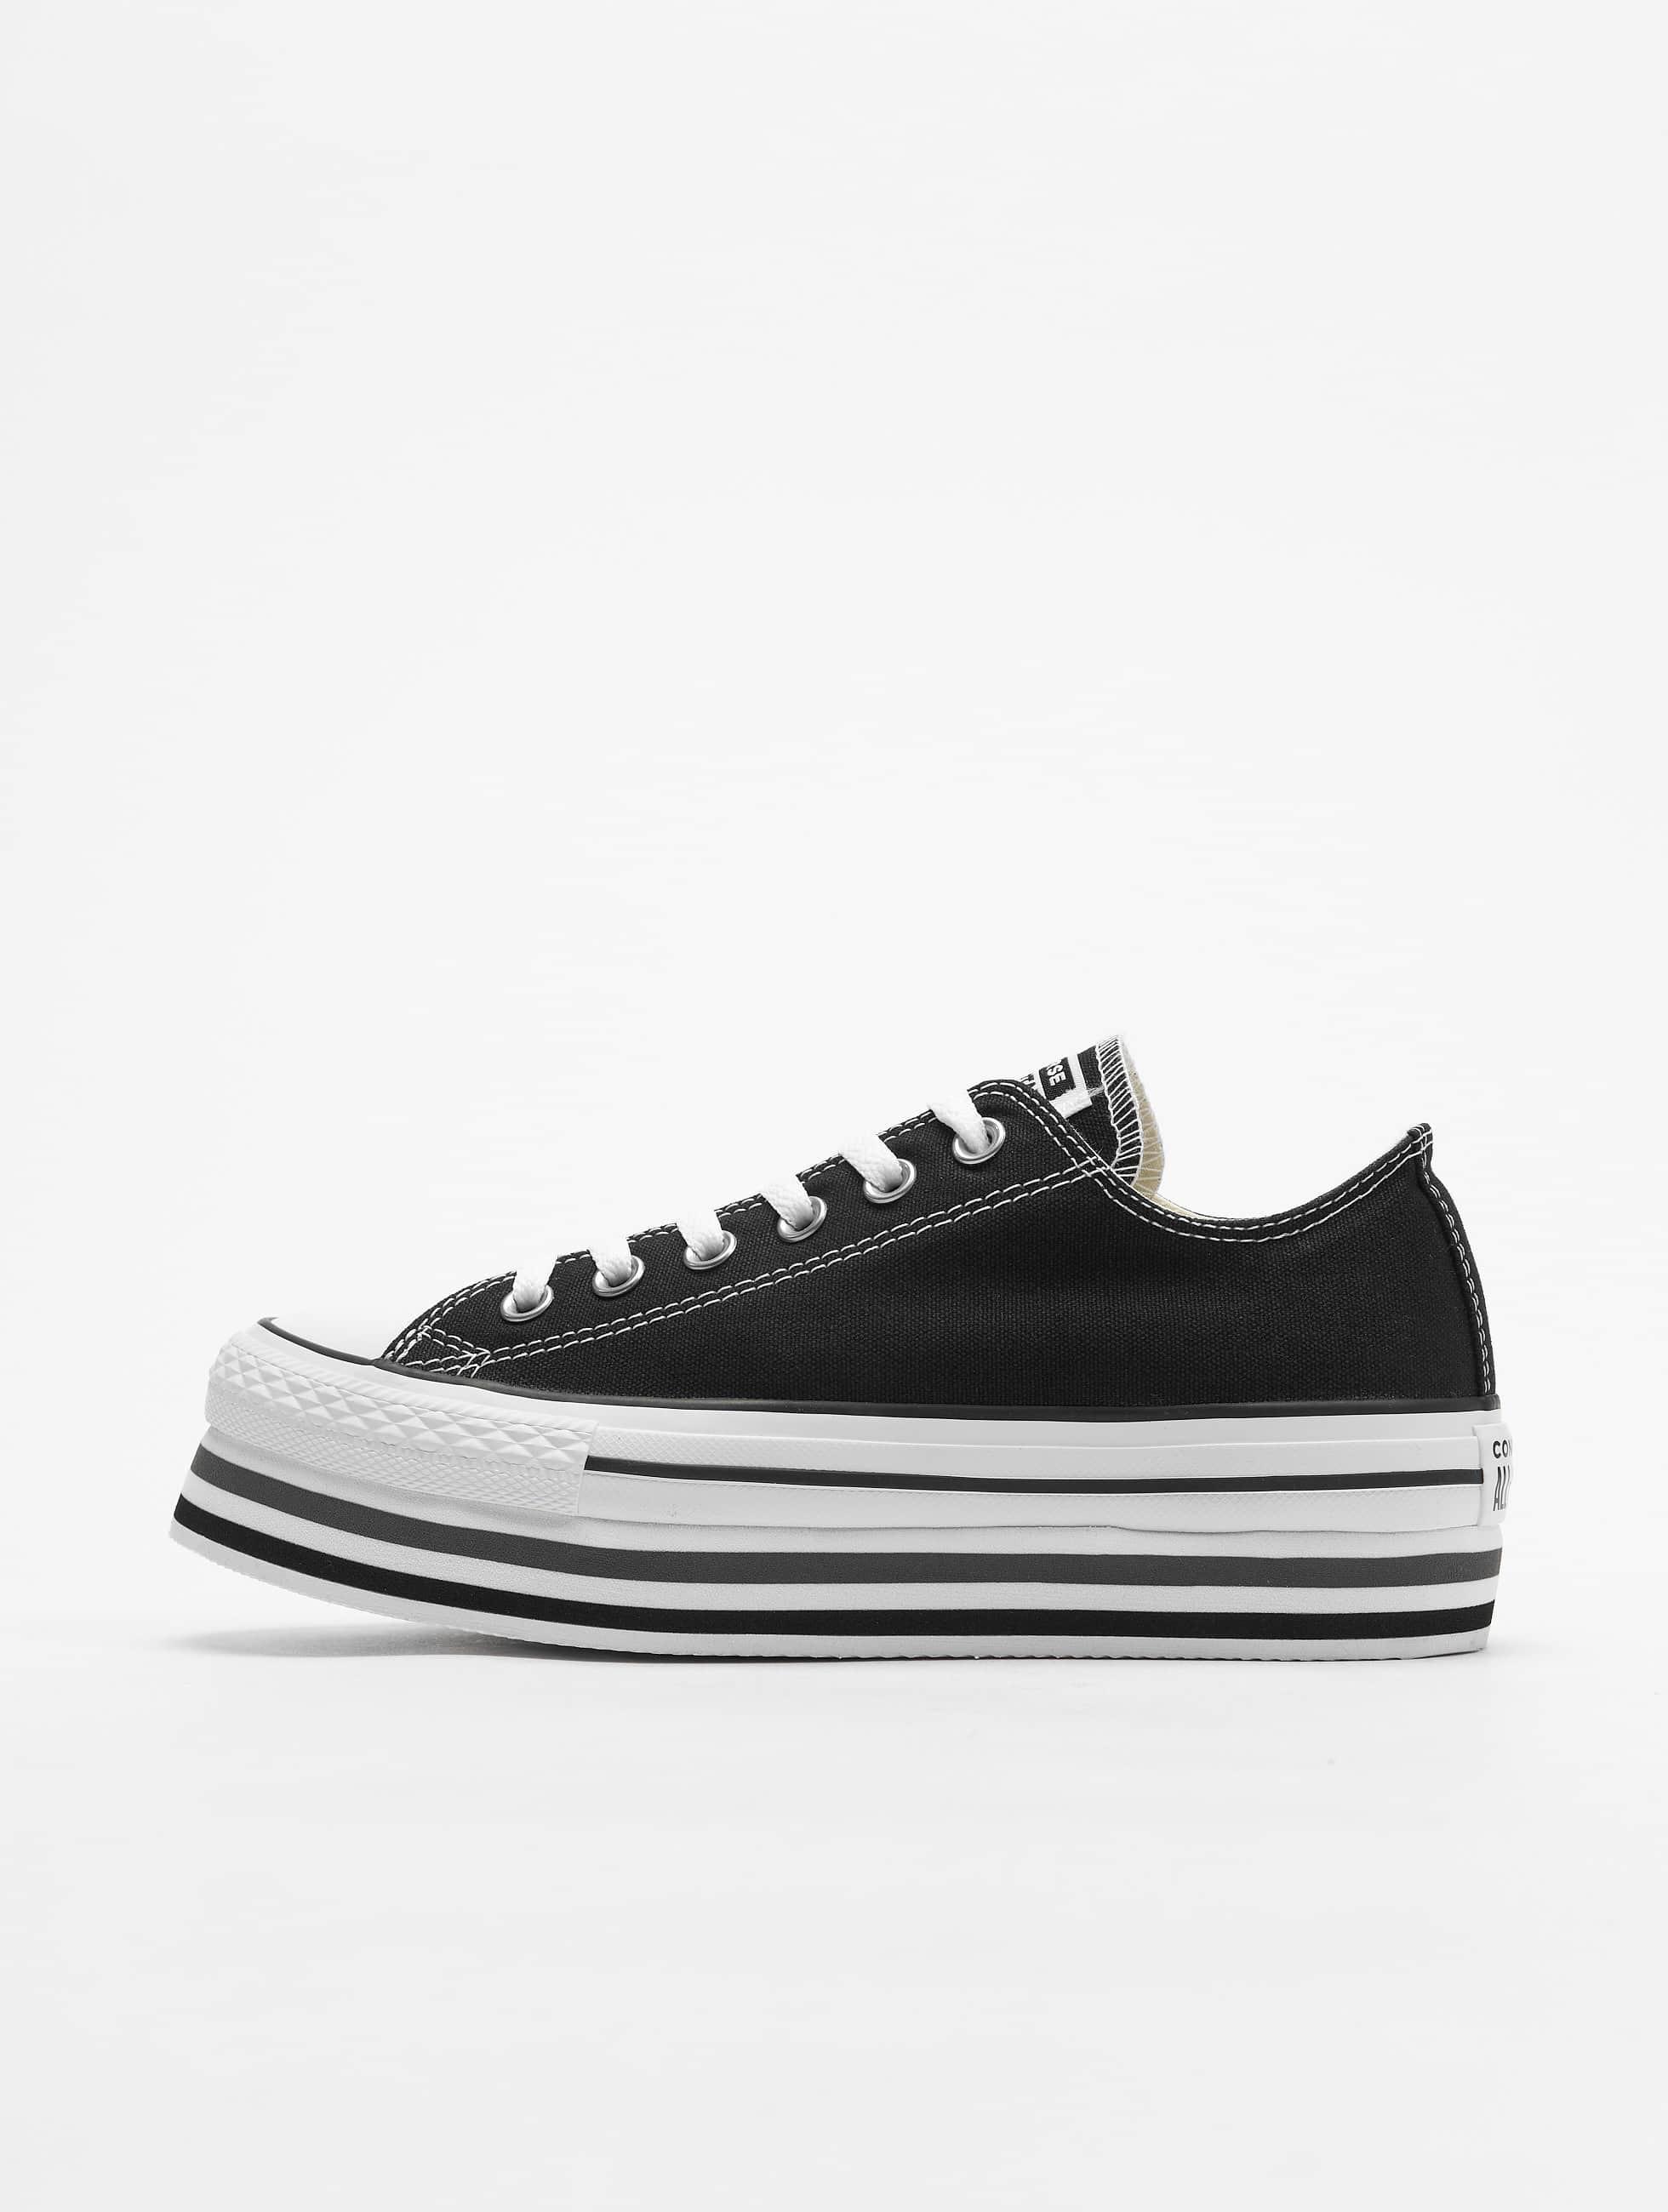 4e24f40d9ab Converse schoen / sneaker Chuck Taylor All Star Platform Layer Ox in zwart  631092